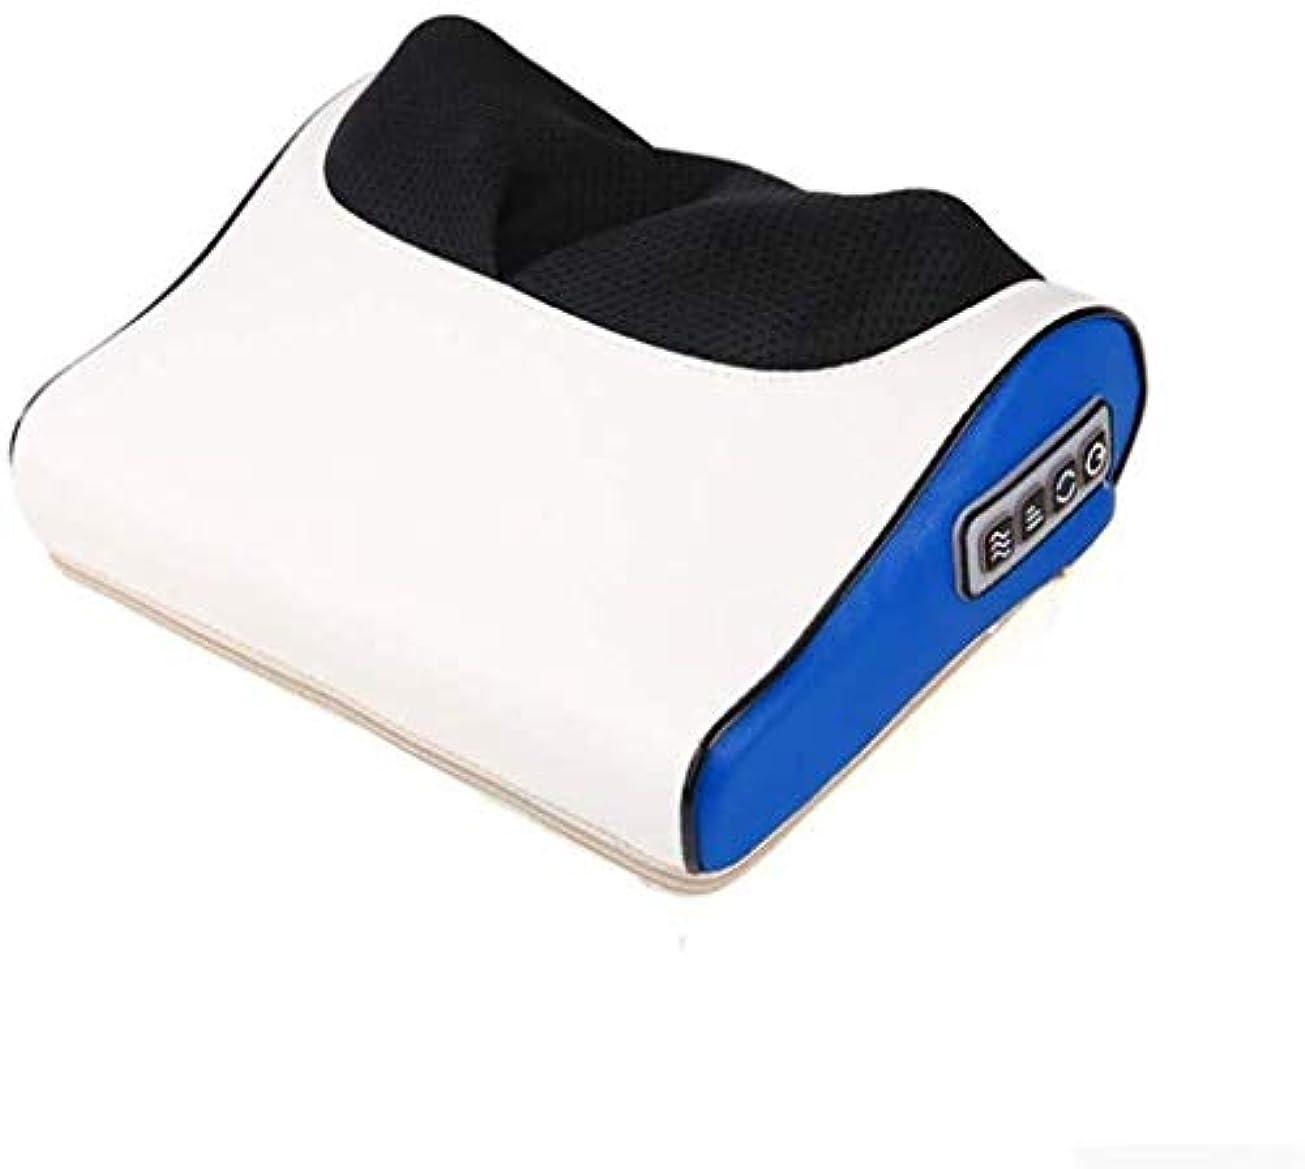 症候群三番イヤホンマッサージ枕、赤外線/温水首/肩/戻る電気マッサージ、指圧マッサージ機器、痛み/ストレスを解消、疲労を和らげます (Color : 青, Size : One size)